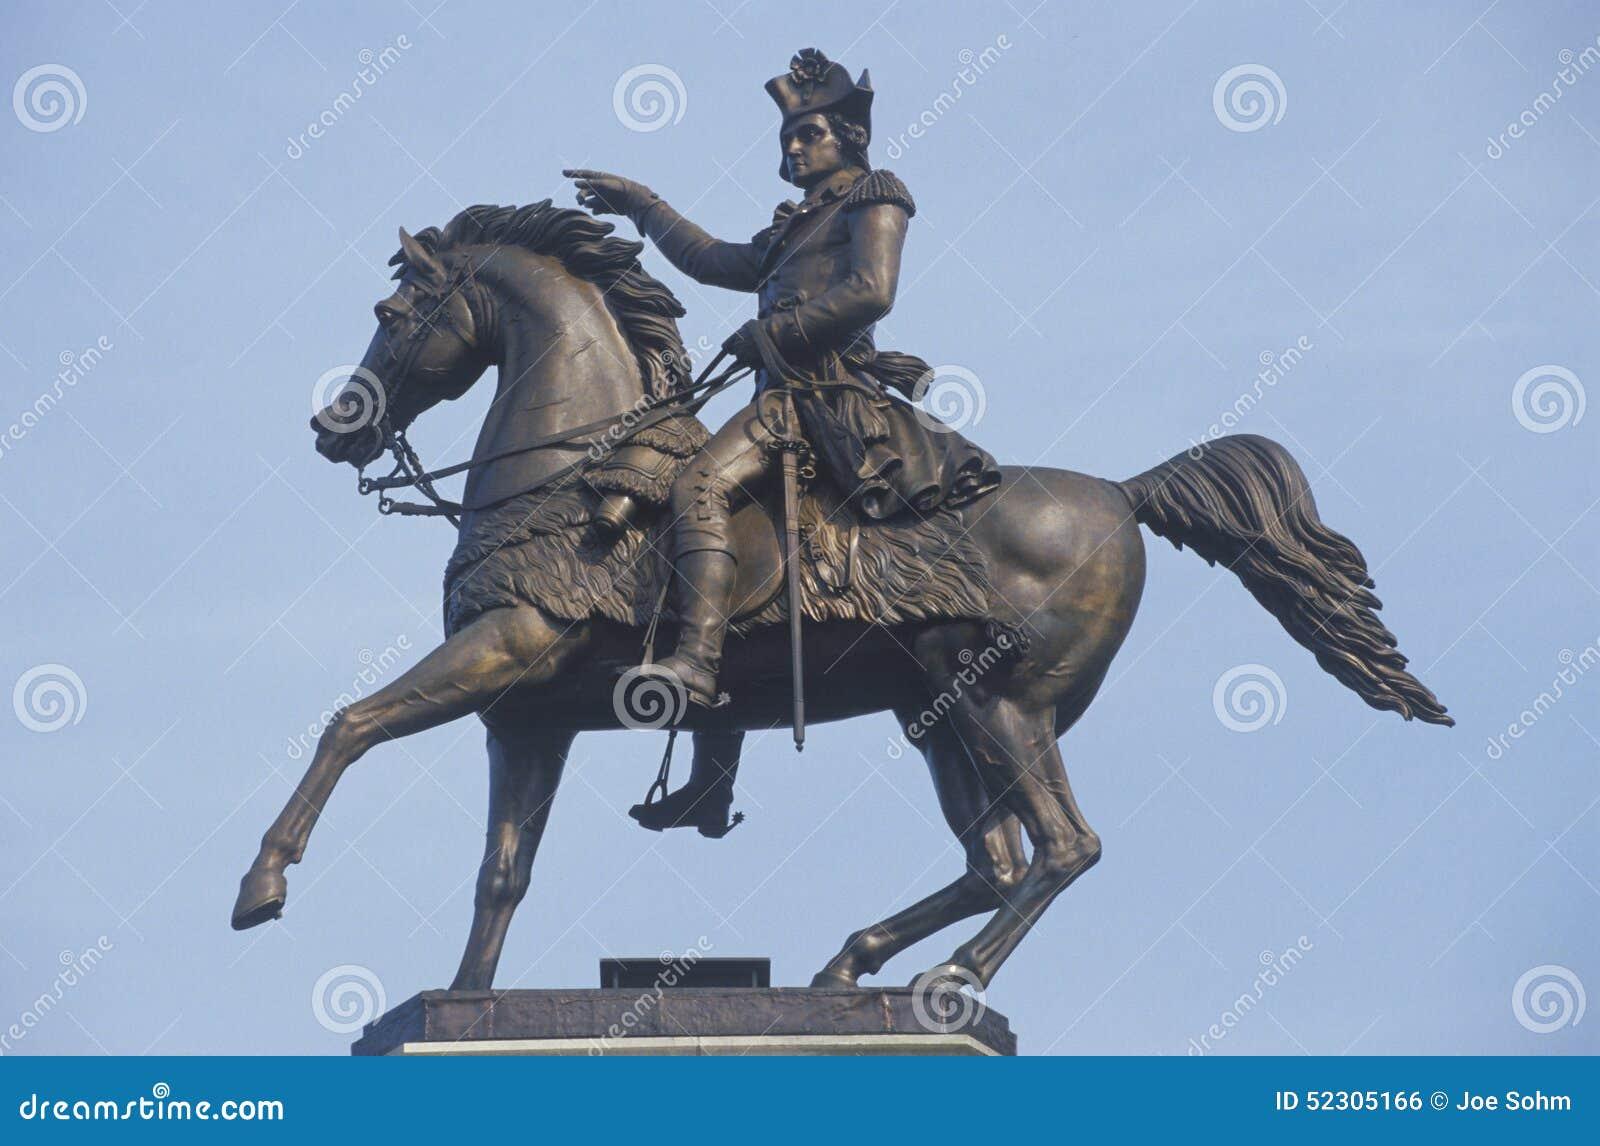 Una estatua ecuestre de general George Washington cerca de Washington Monument en el cuadrado del capitolio en Richmond, Virginia